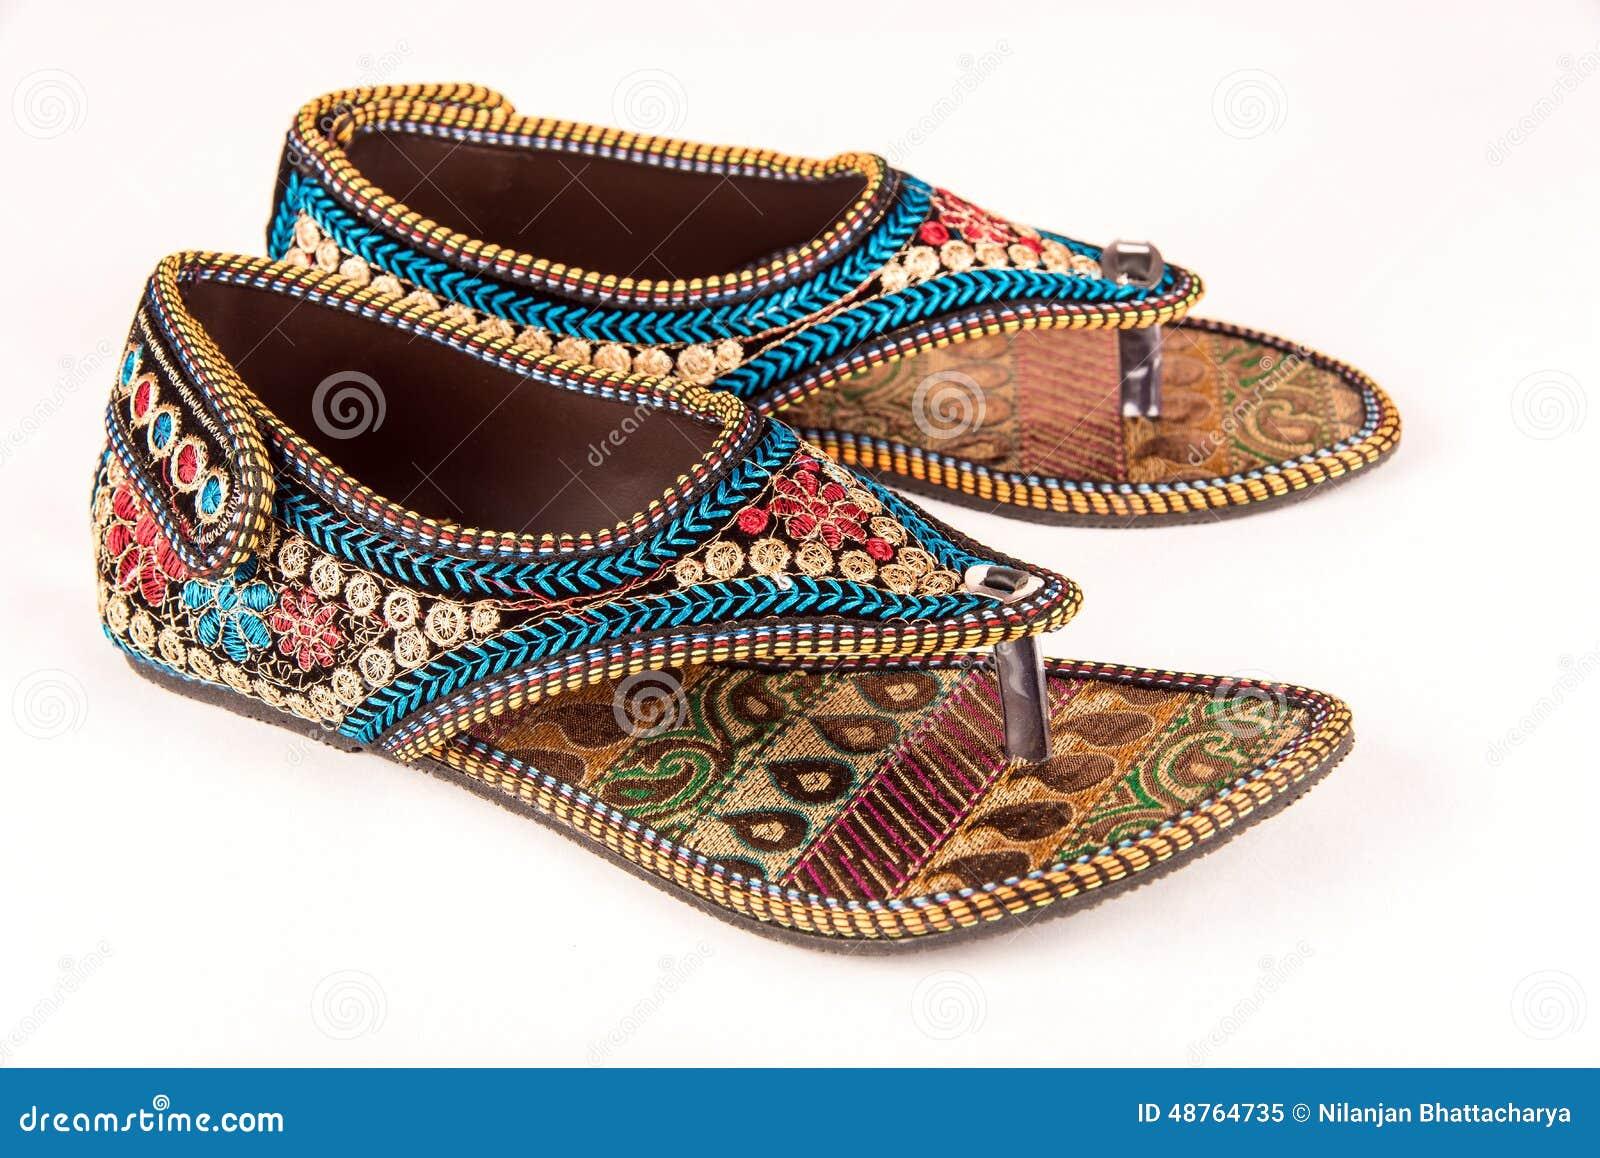 Sandalias étnicas indias tradicionales Foto de archivo libre de regalías